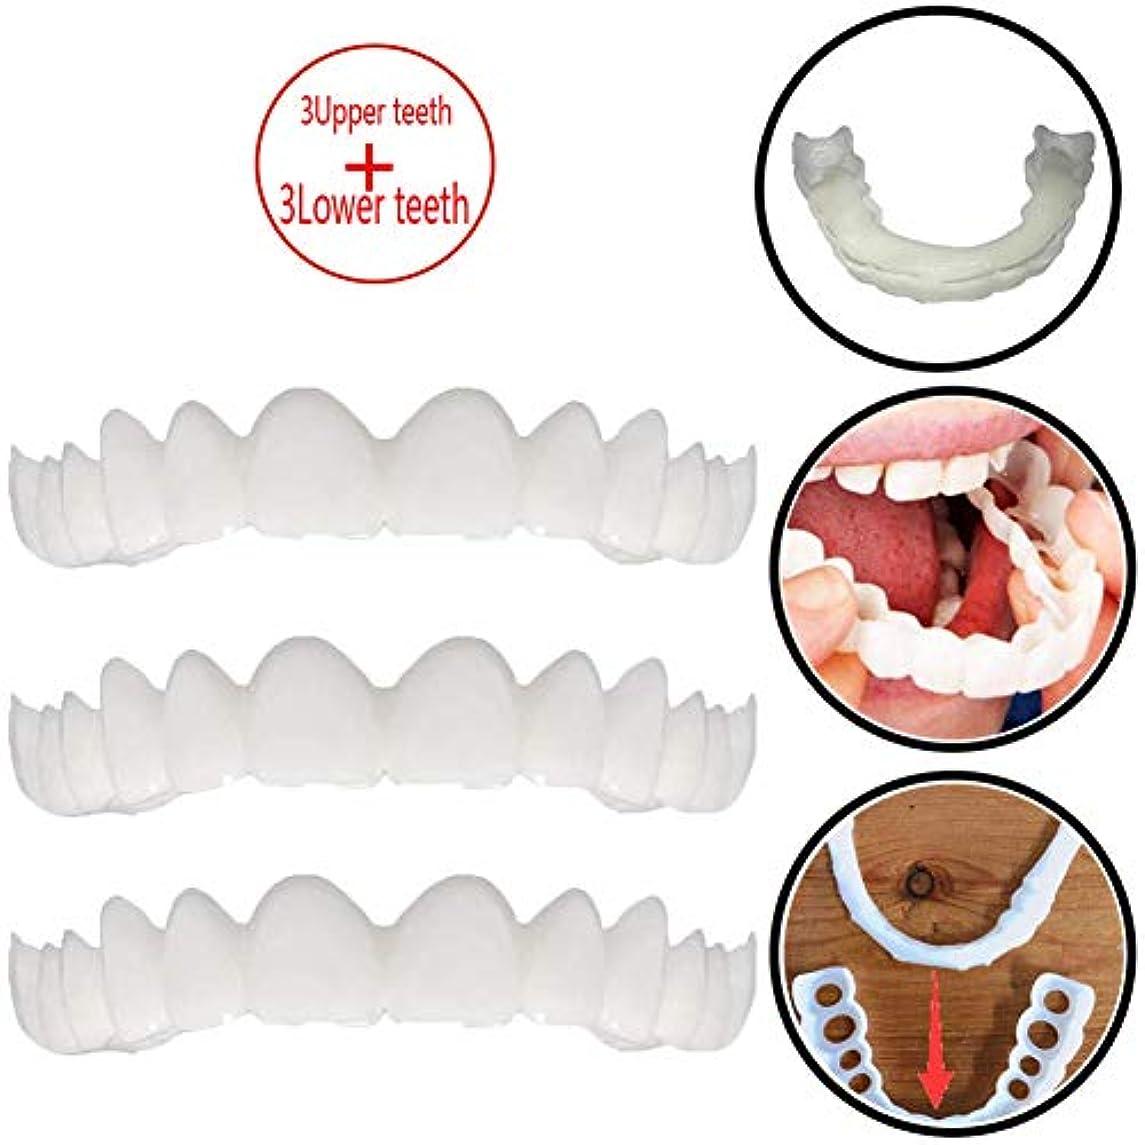 3ペアの一時的な歯のホワイトニング、シミュレーションブレース上部ブレース+下部ブレースホワイトニングティースナップオンインスタント完全ベニア,3upperteeth+3lowerteeth